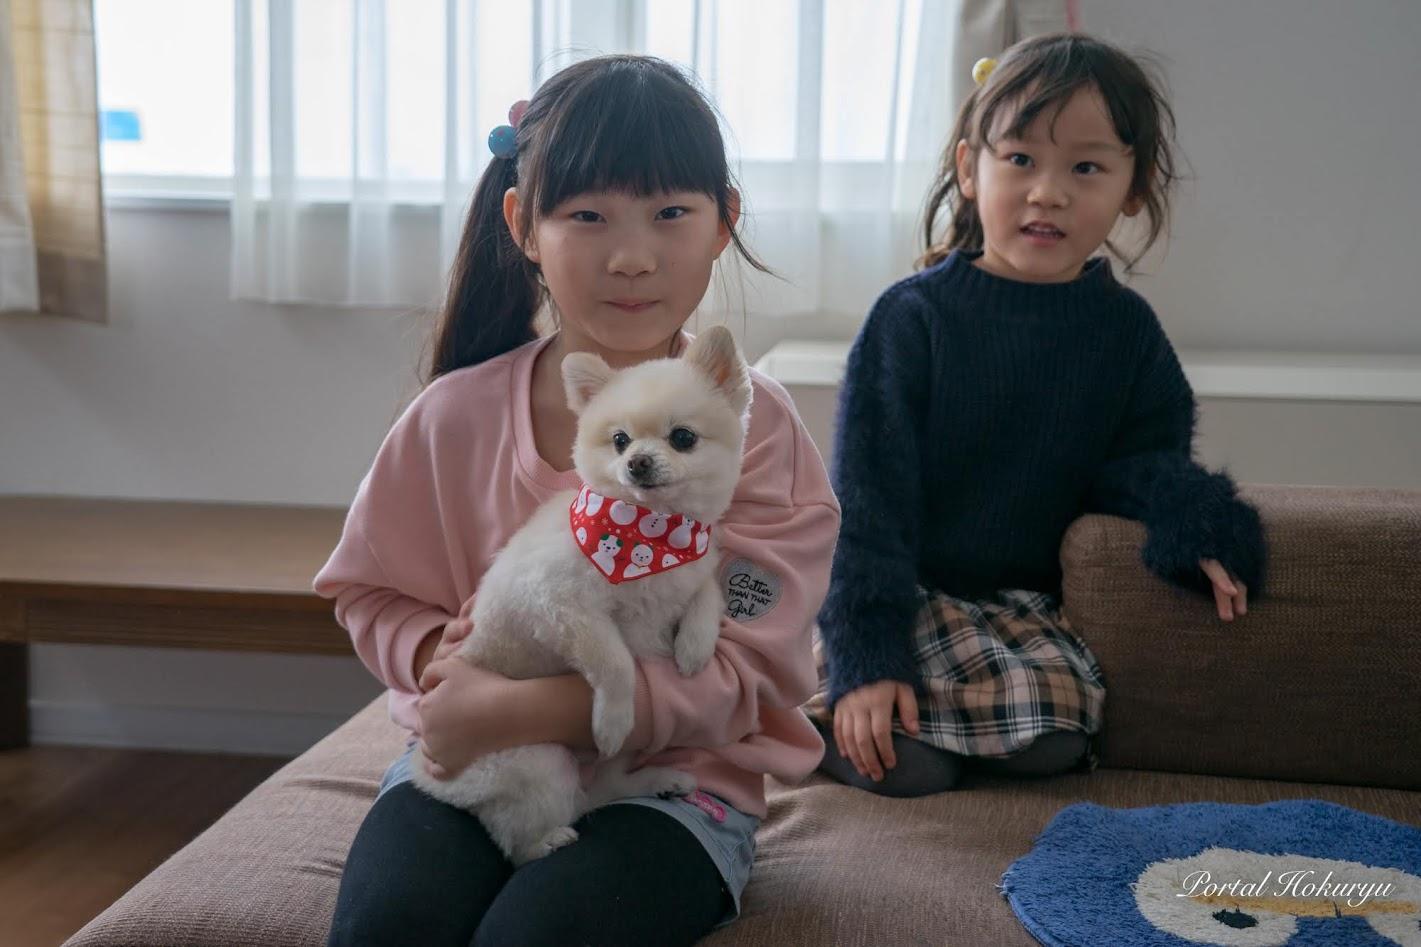 ひなた ちゃん(7)・心寧(ここね)ちゃん(5)とナナちゃん